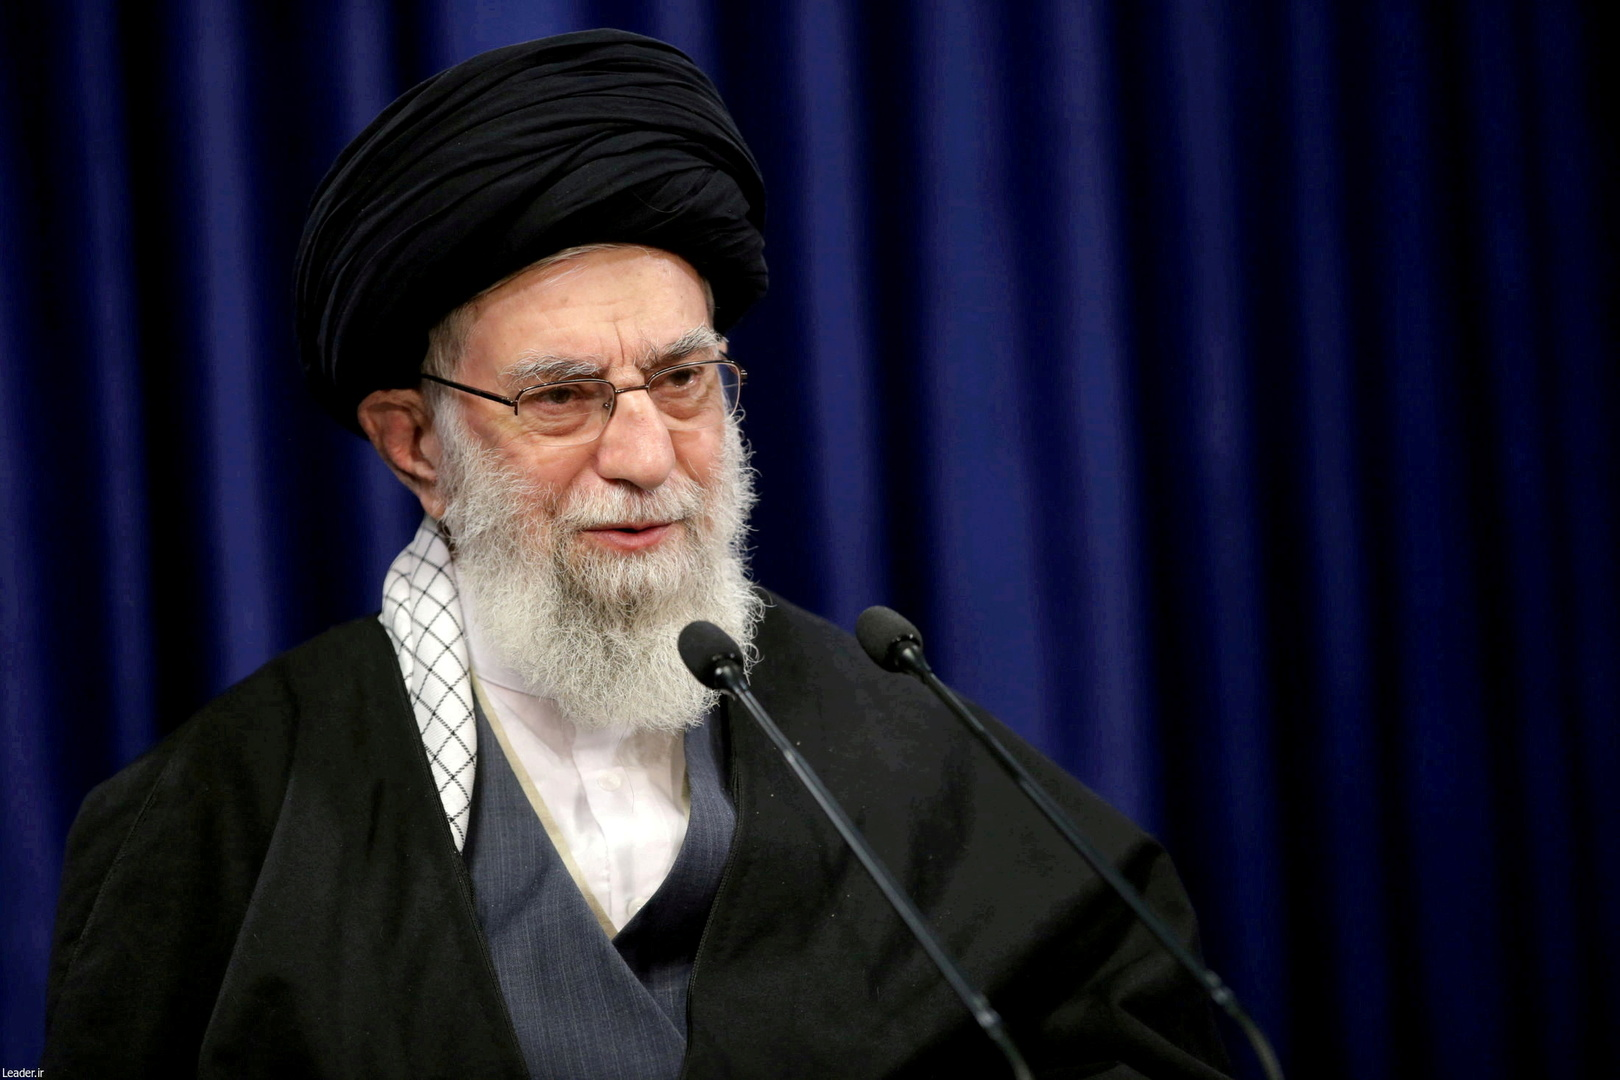 خامنئي: قد لا أتفق مع  بعض آراء مجلس صيانة الدستور لكنه يعمل وفقا لواجبه الديني والقانوني